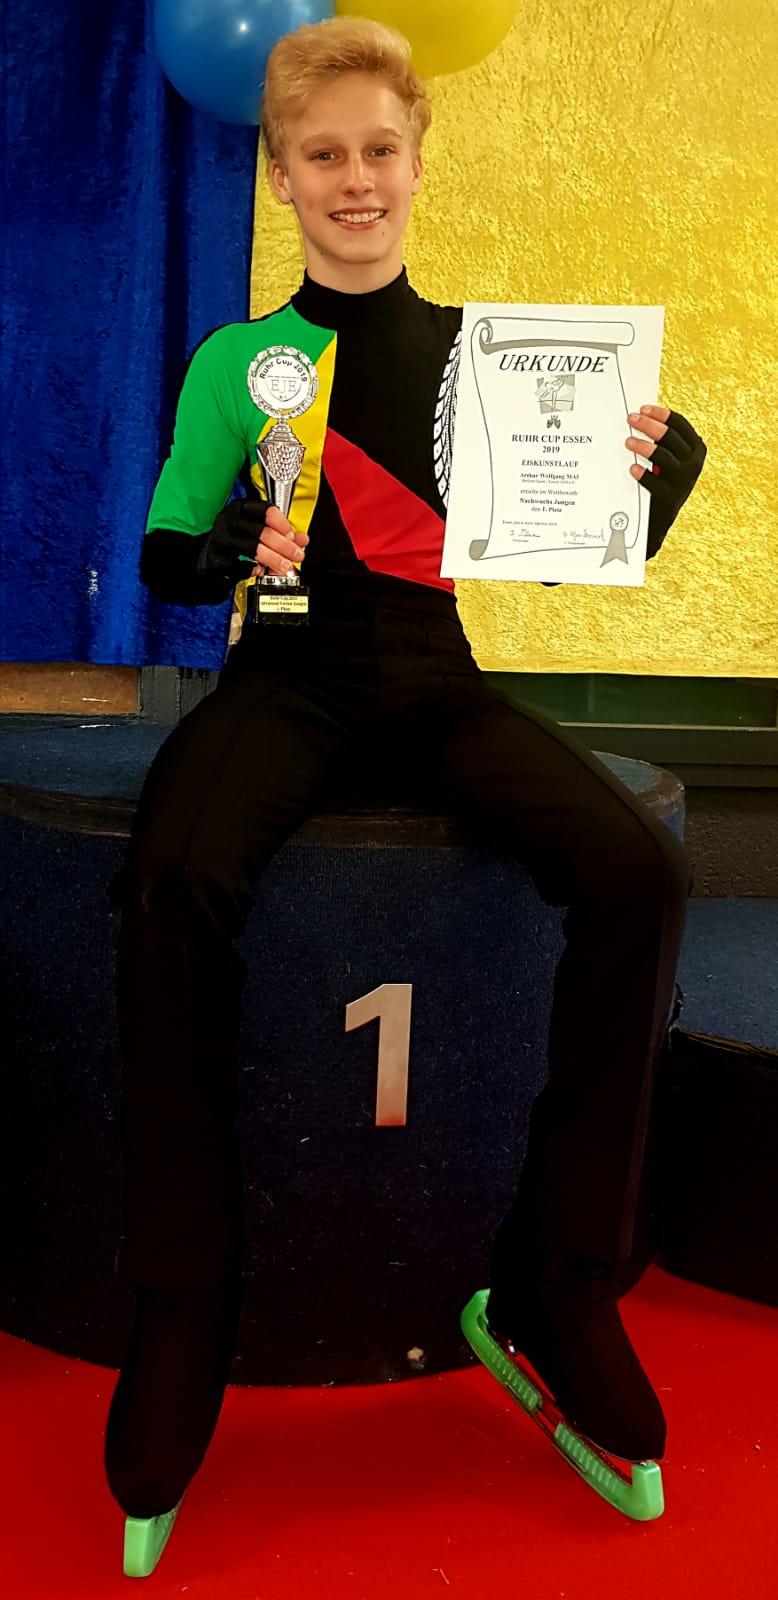 Arthur Mai als Sieger der Jugendklasse Ruhr Cup